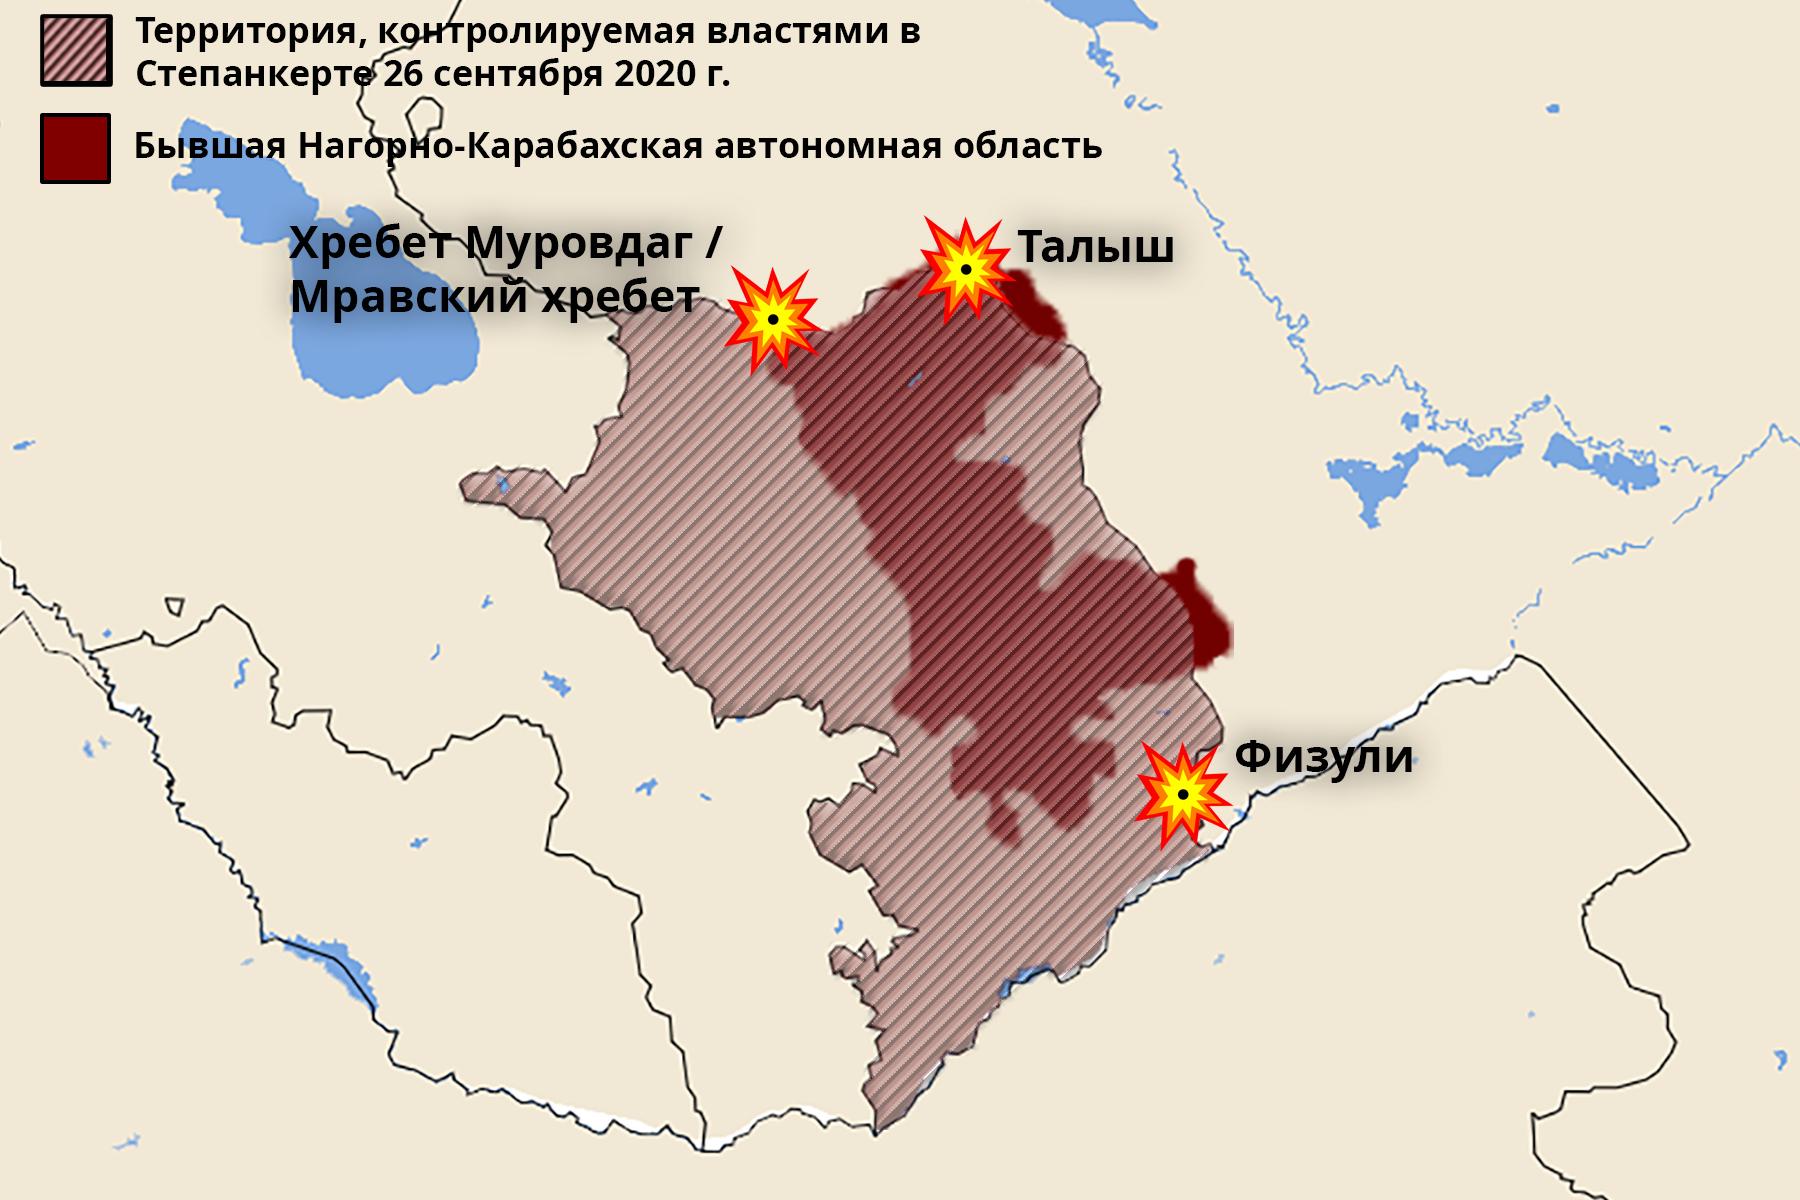 Районы, где бои были наиболее ожесточёнными.